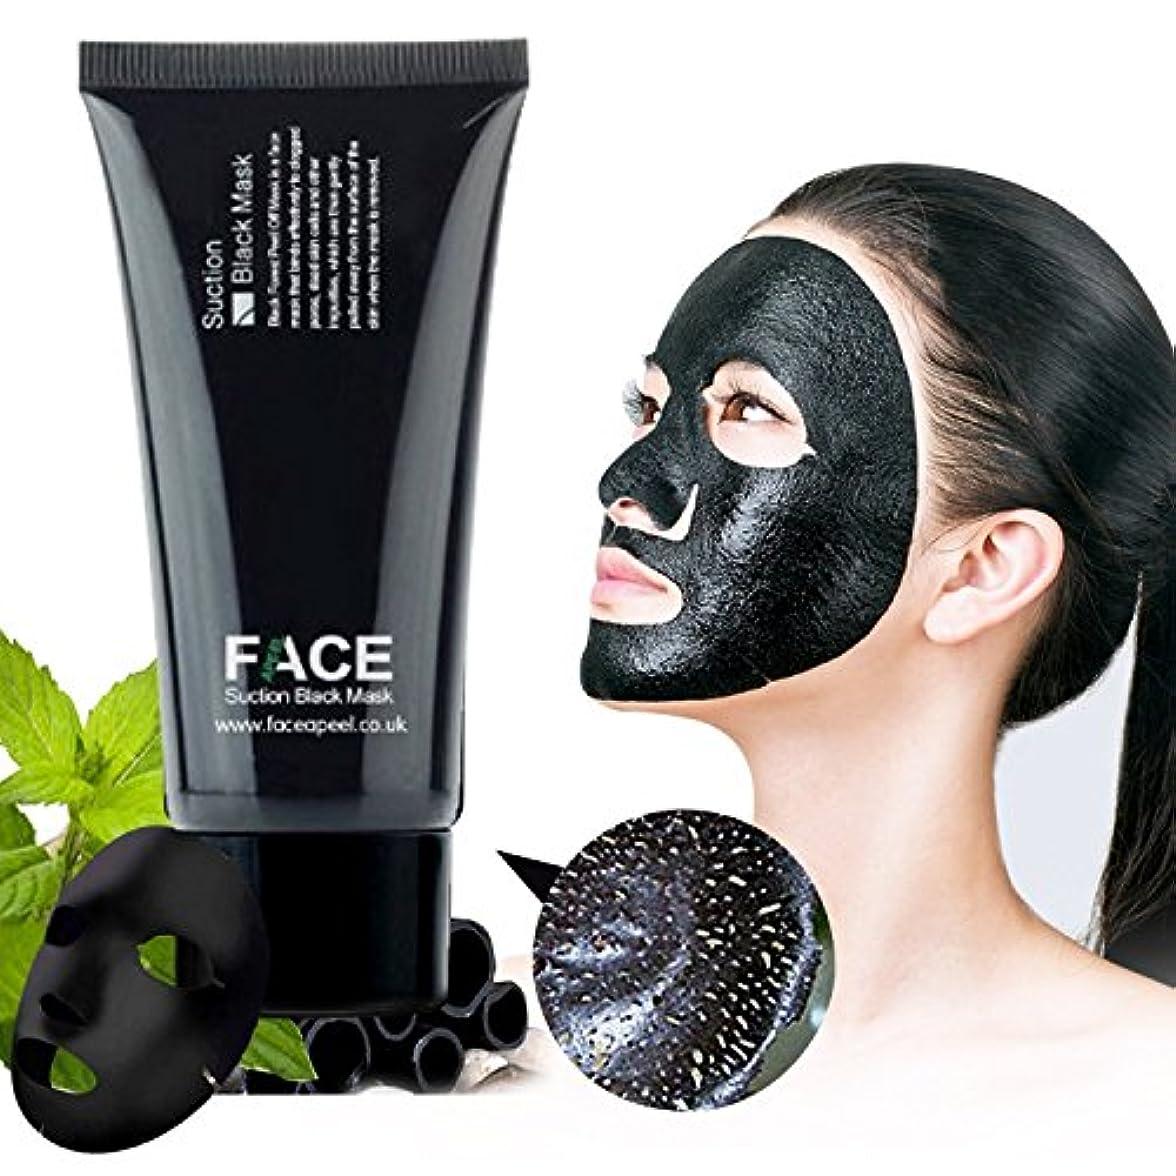 染色通行料金手入れFaceApeel Blackheadリムーバーマスク[Blackheadsを取り除く] - プレミアム品質Black Pore Removalは、Face For Faceマスクを剥がす